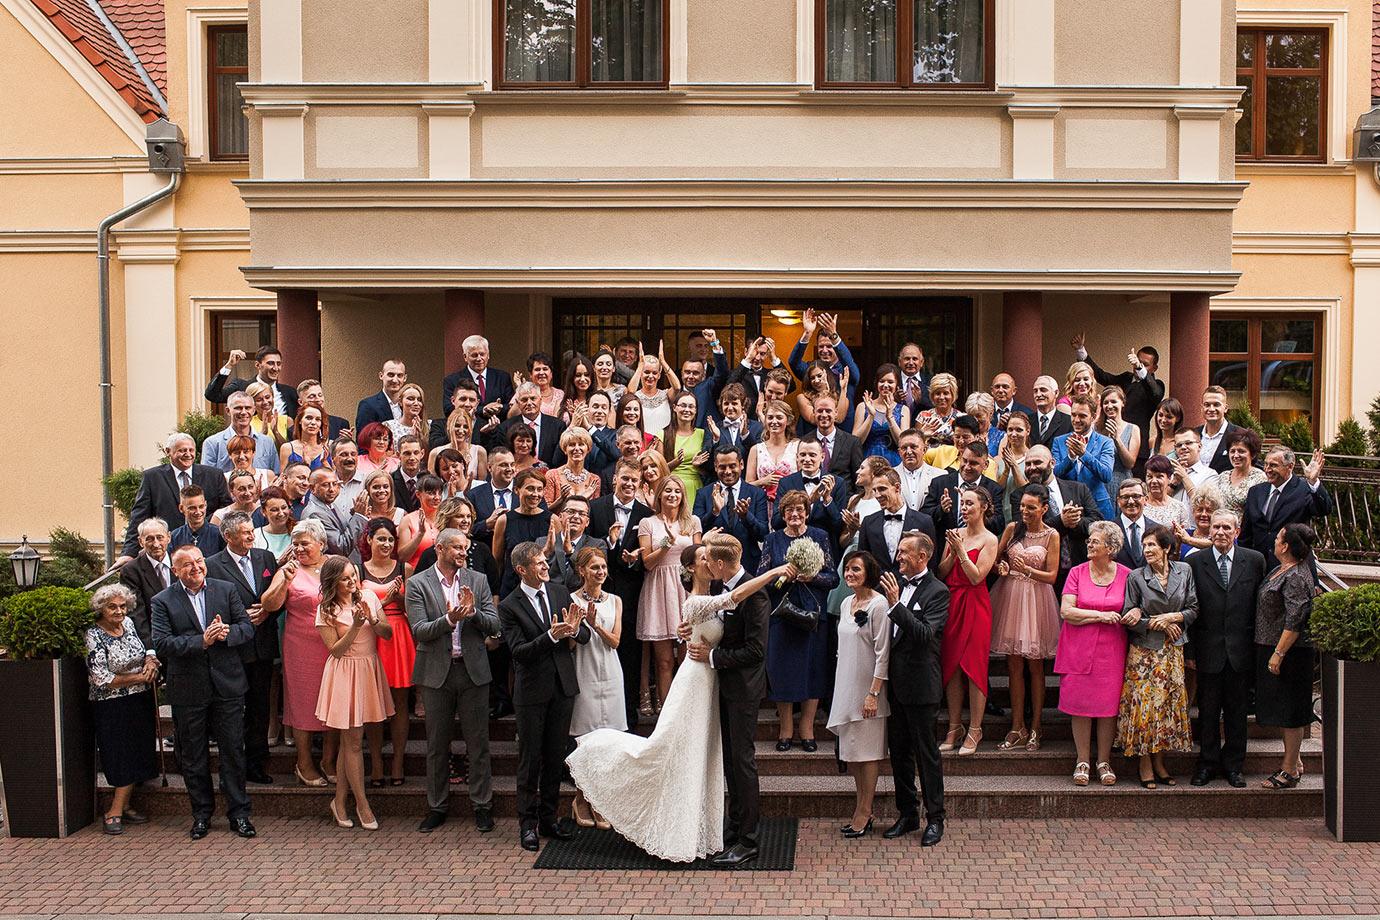 zdjęcie grupowe podczas wesela